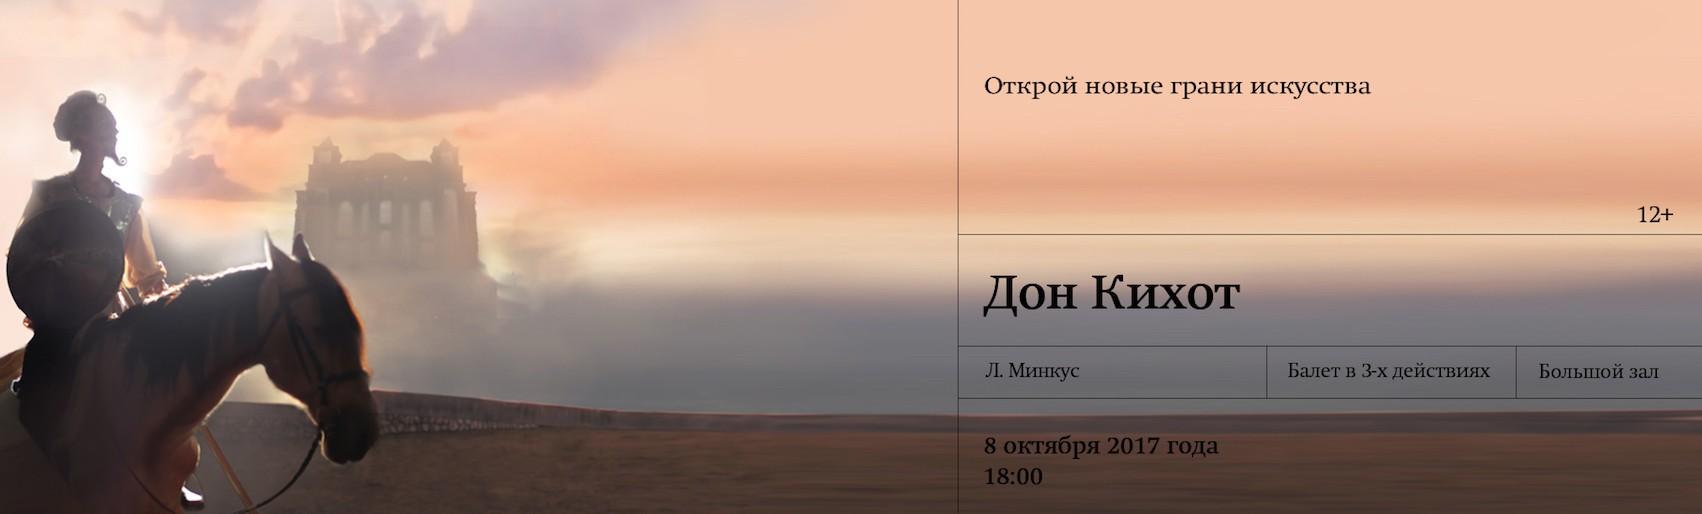 Дон Кихот 10 2017